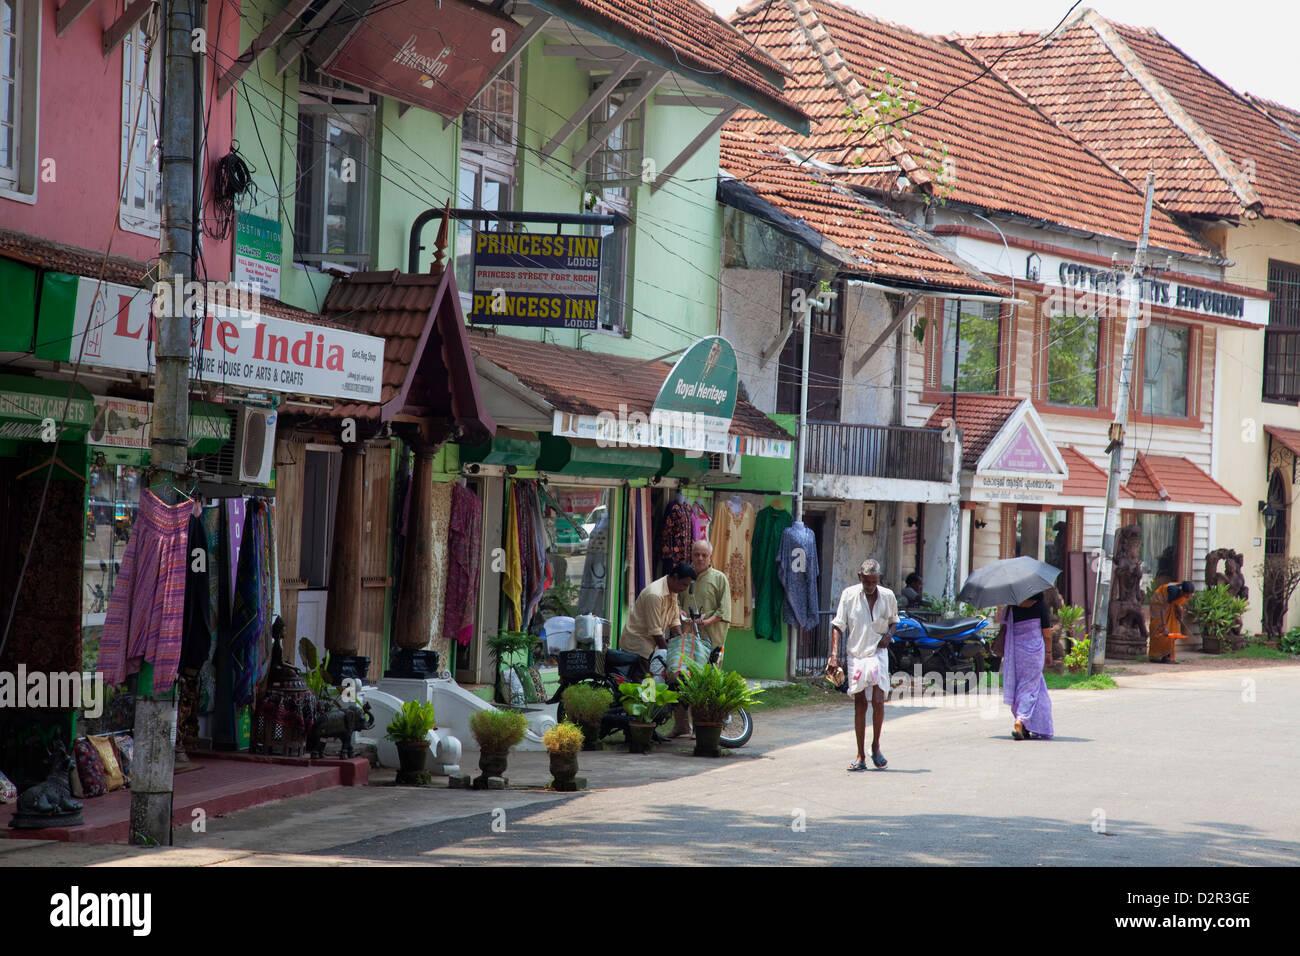 Straßenszene in Kochi (Cochin), Kerala, Indien, Asien Stockbild